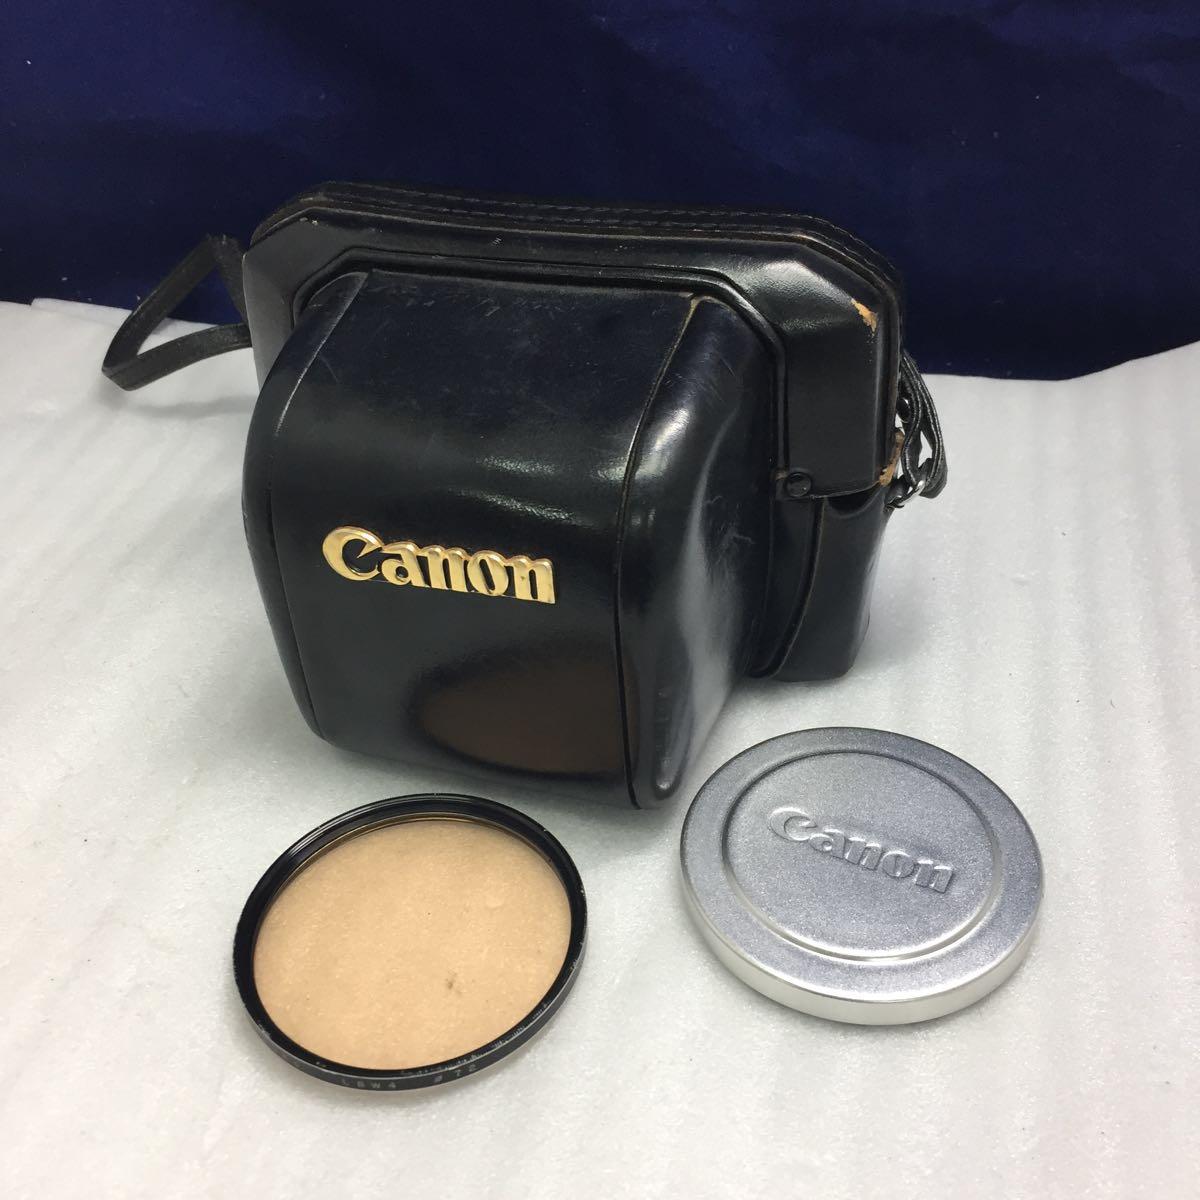 Canon レンジファインダーカメラ Canon 7 レンズ 50mm F0.95 btbt-t_画像10